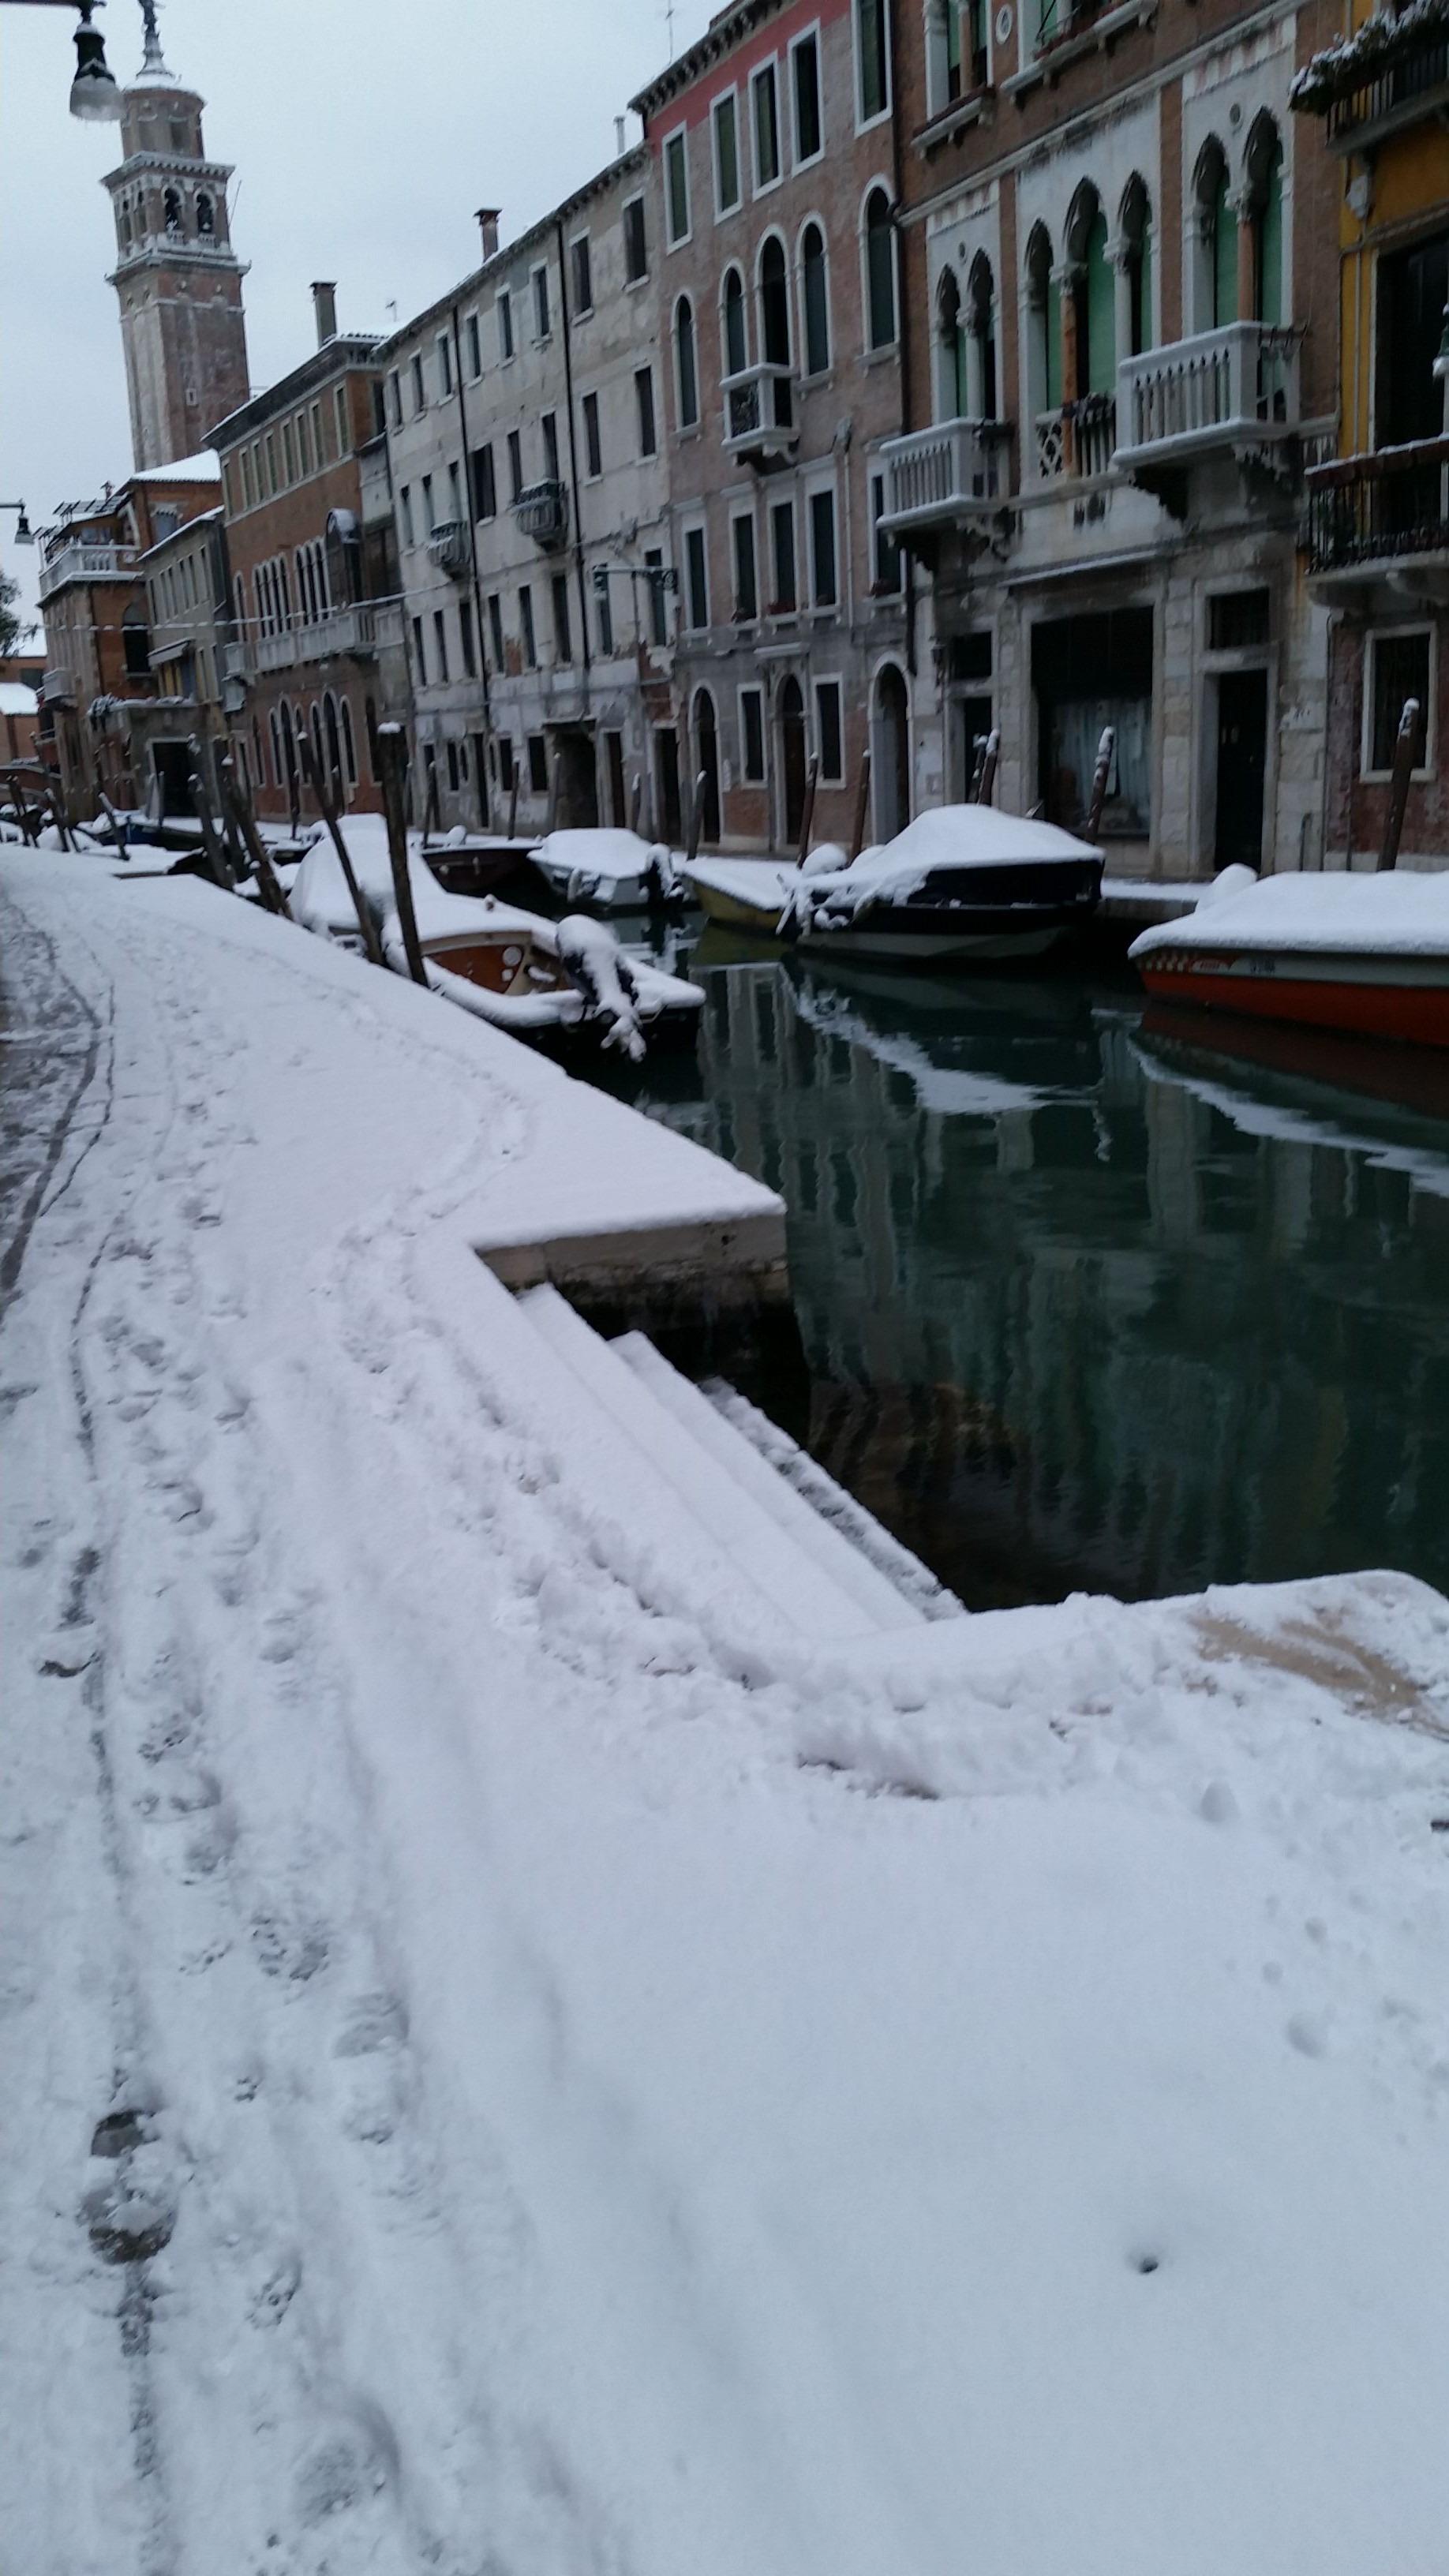 passegiata a venezia